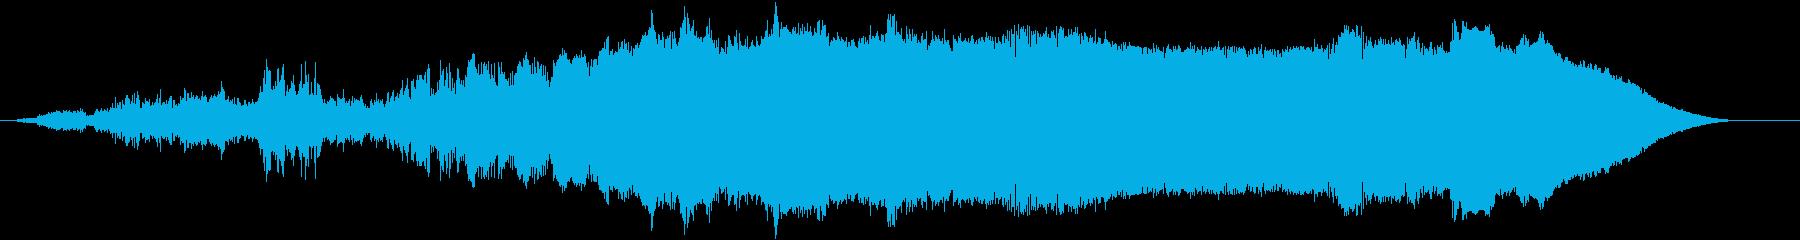 ビンテージフォーミュラ1; In ...の再生済みの波形